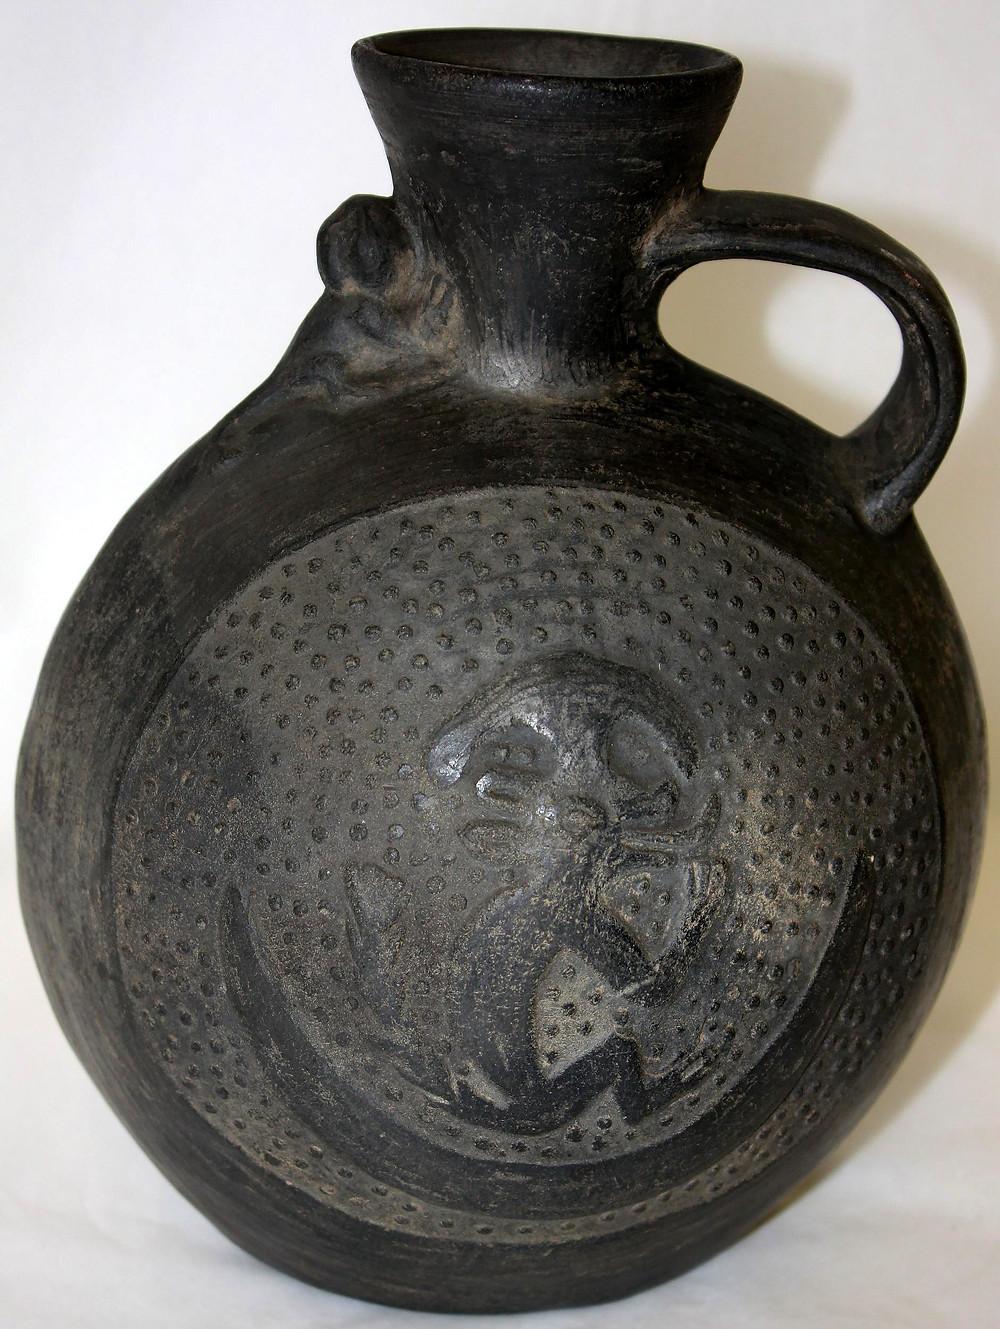 Сосуд с изображением лунного зверя на полумесяце. Чиму, 900-1430 гг. н.э. Коллекция The British Museum.